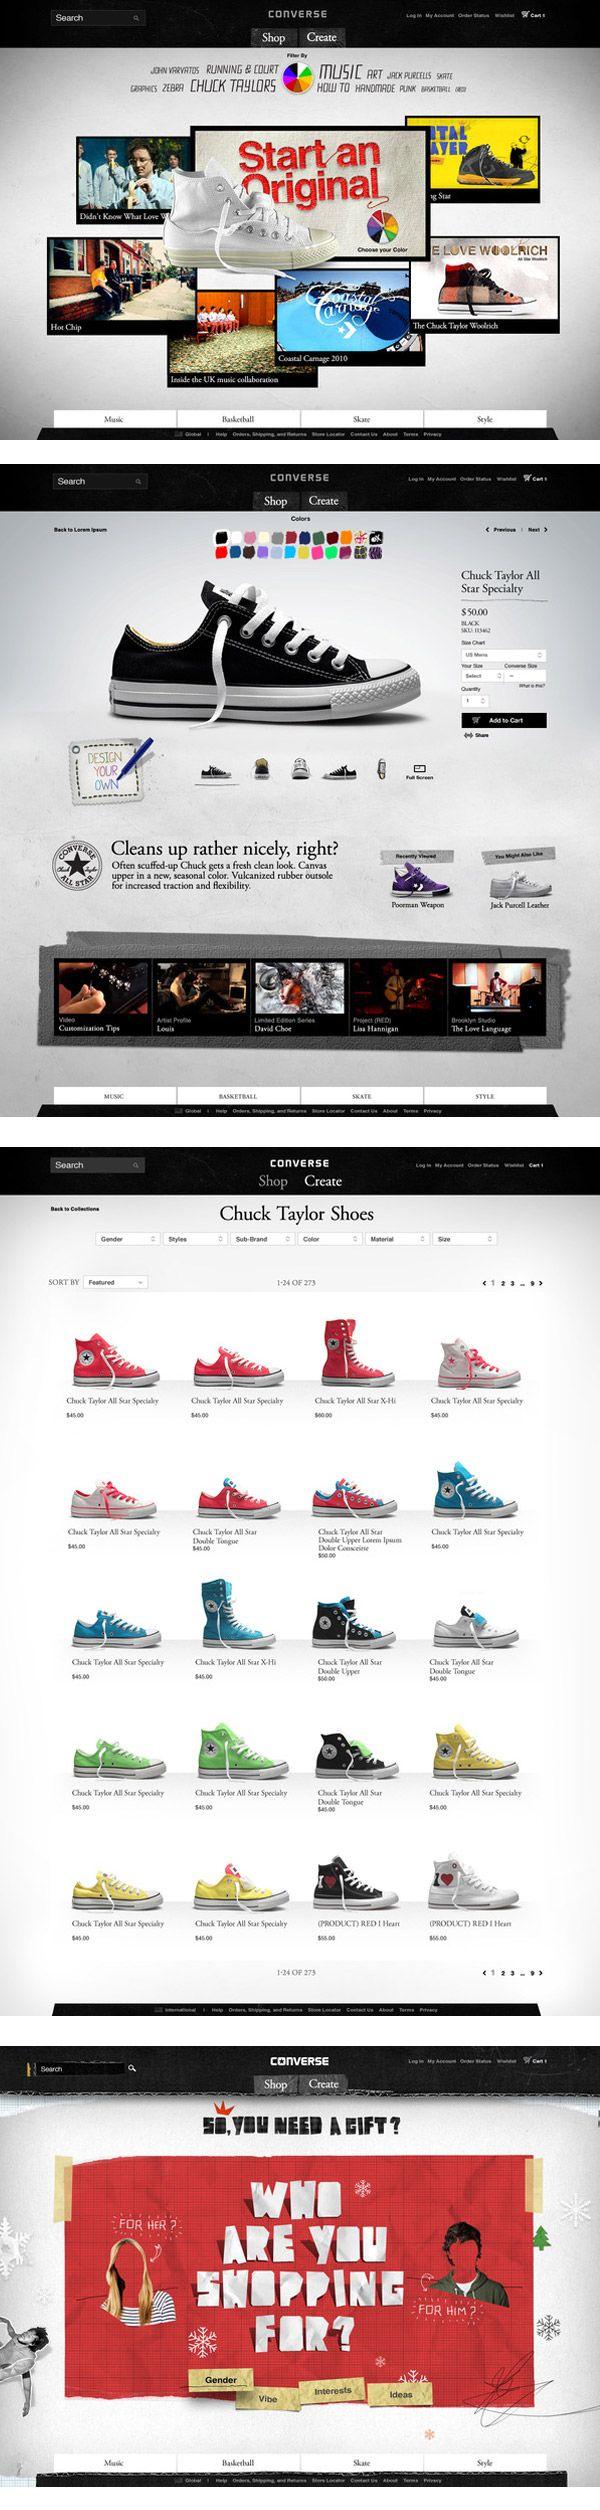 e-shop converse.com